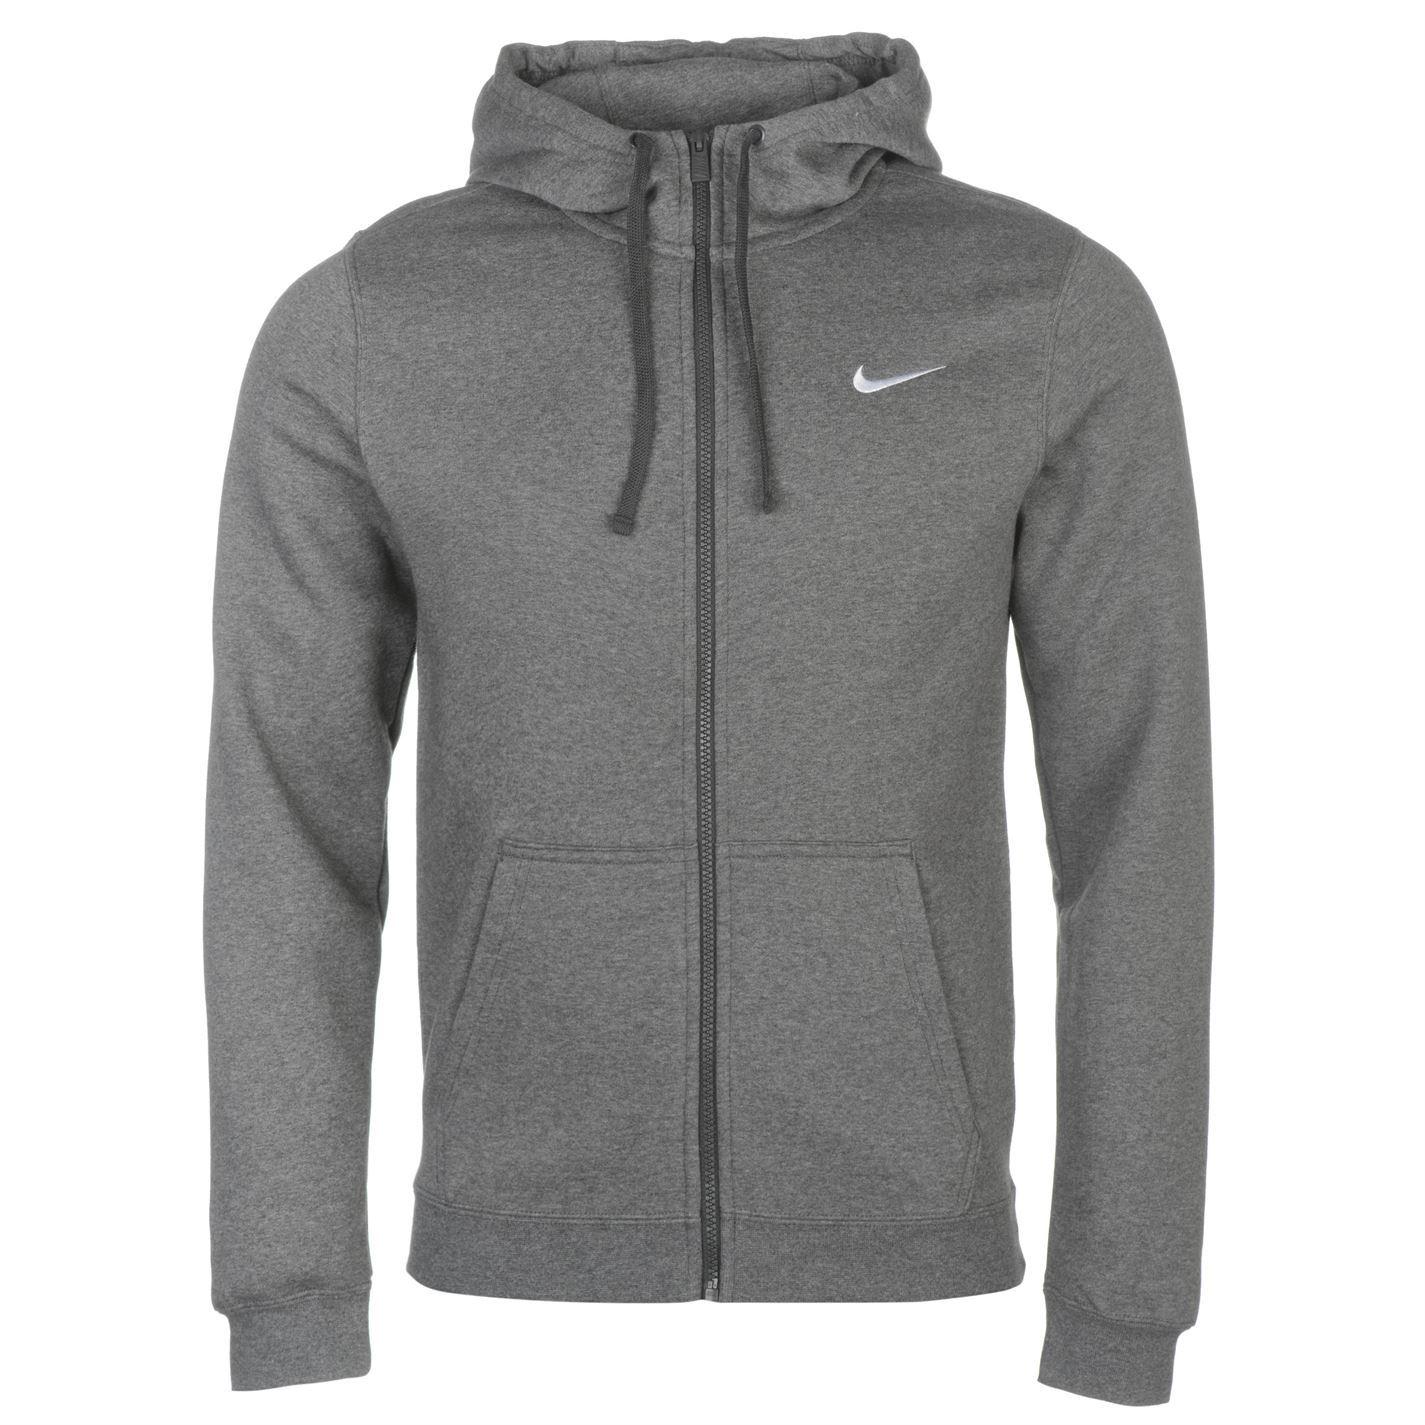 Nike-Fundamentals-Full-Zip-Hoody-Jacket-Mens-Hoodie-Sweatshirt-Sweater-Top thumbnail 16